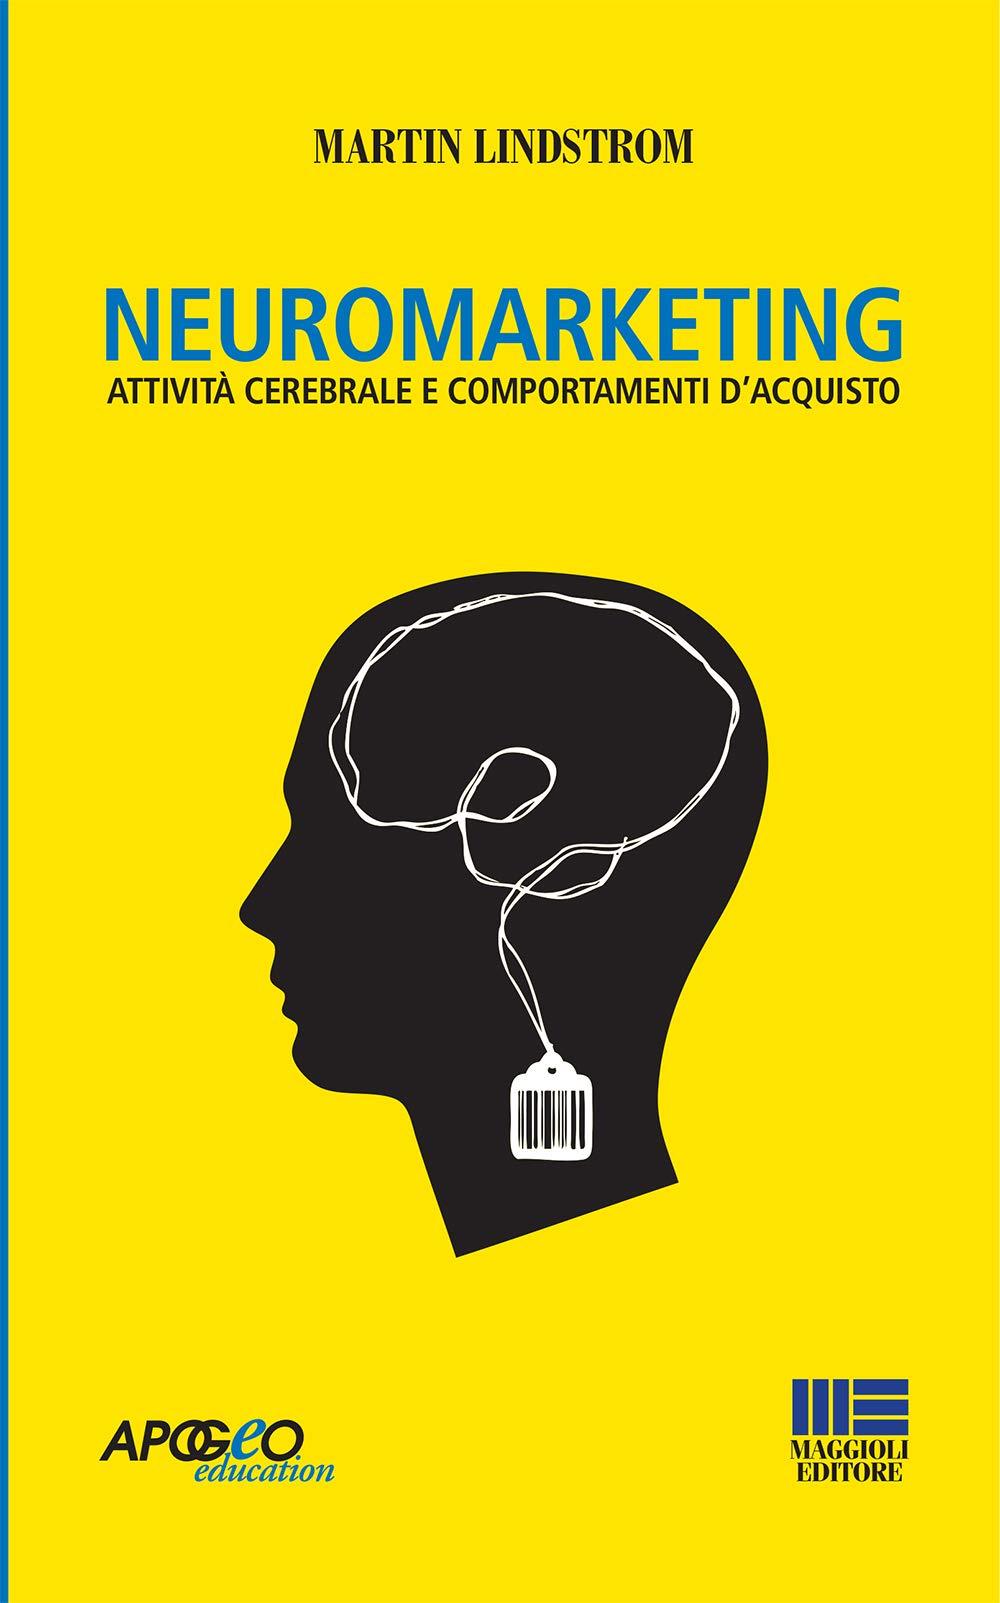 Neuromarketing (Saggi): Amazon.es: Martin Lindstrom: Libros en idiomas extranjeros